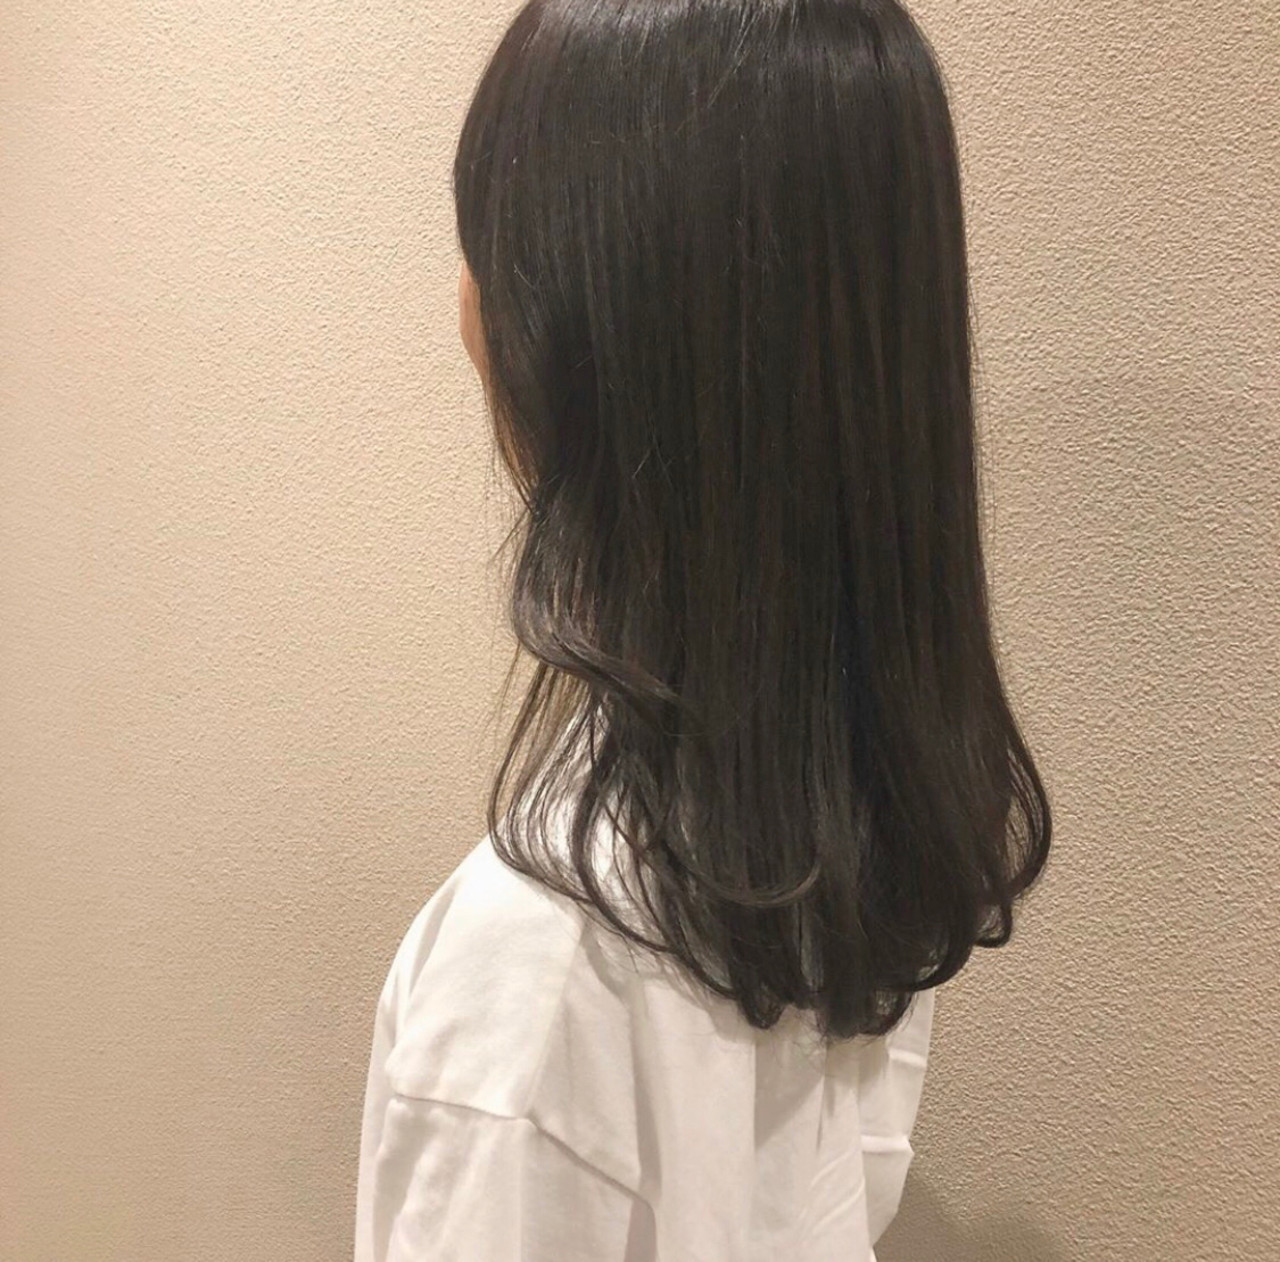 暗色カラー 暗髪 春ヘア フェミニン ヘアスタイルや髪型の写真・画像